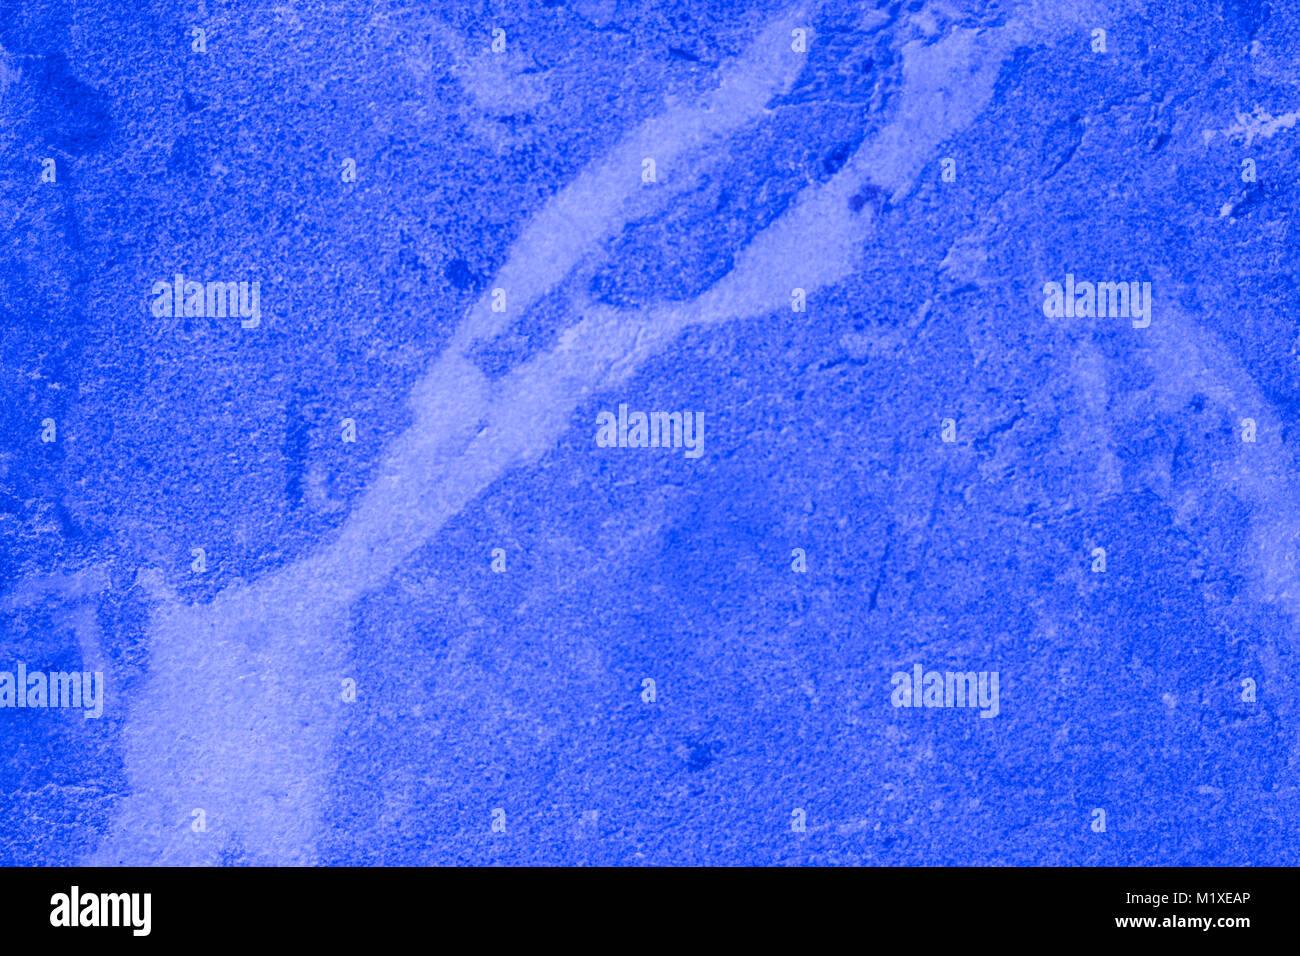 Natural Azzurro Lapide Di Marmo Colorato In Modo Creativo Adatto